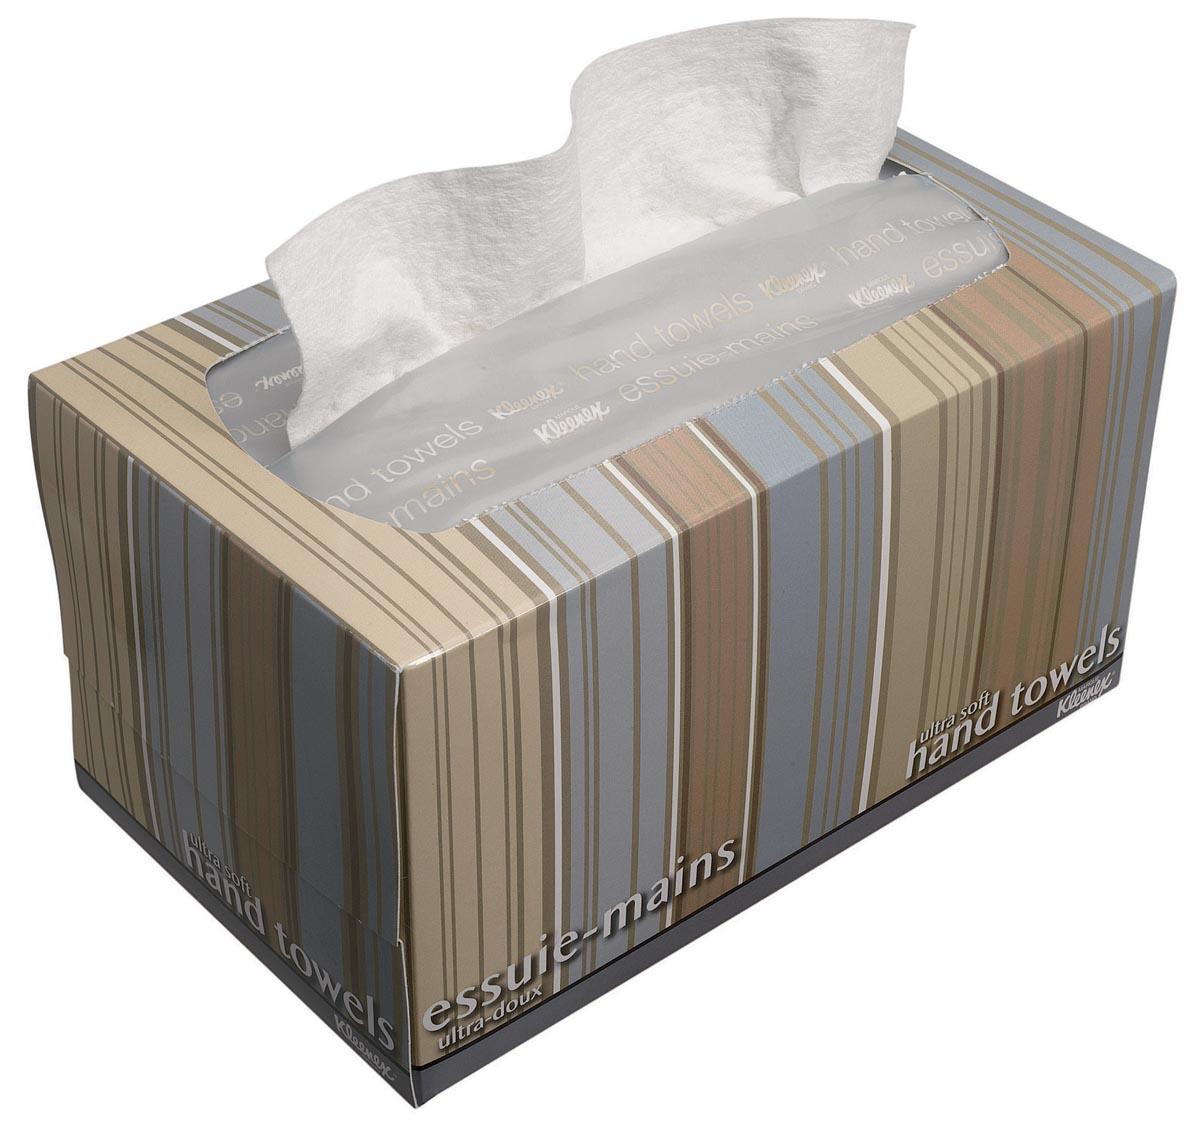 Kleenex papieren handdoeken Ultra Soft Pop-up, intergevouwen, 1-laags, 70 vellen, dispenserdoos